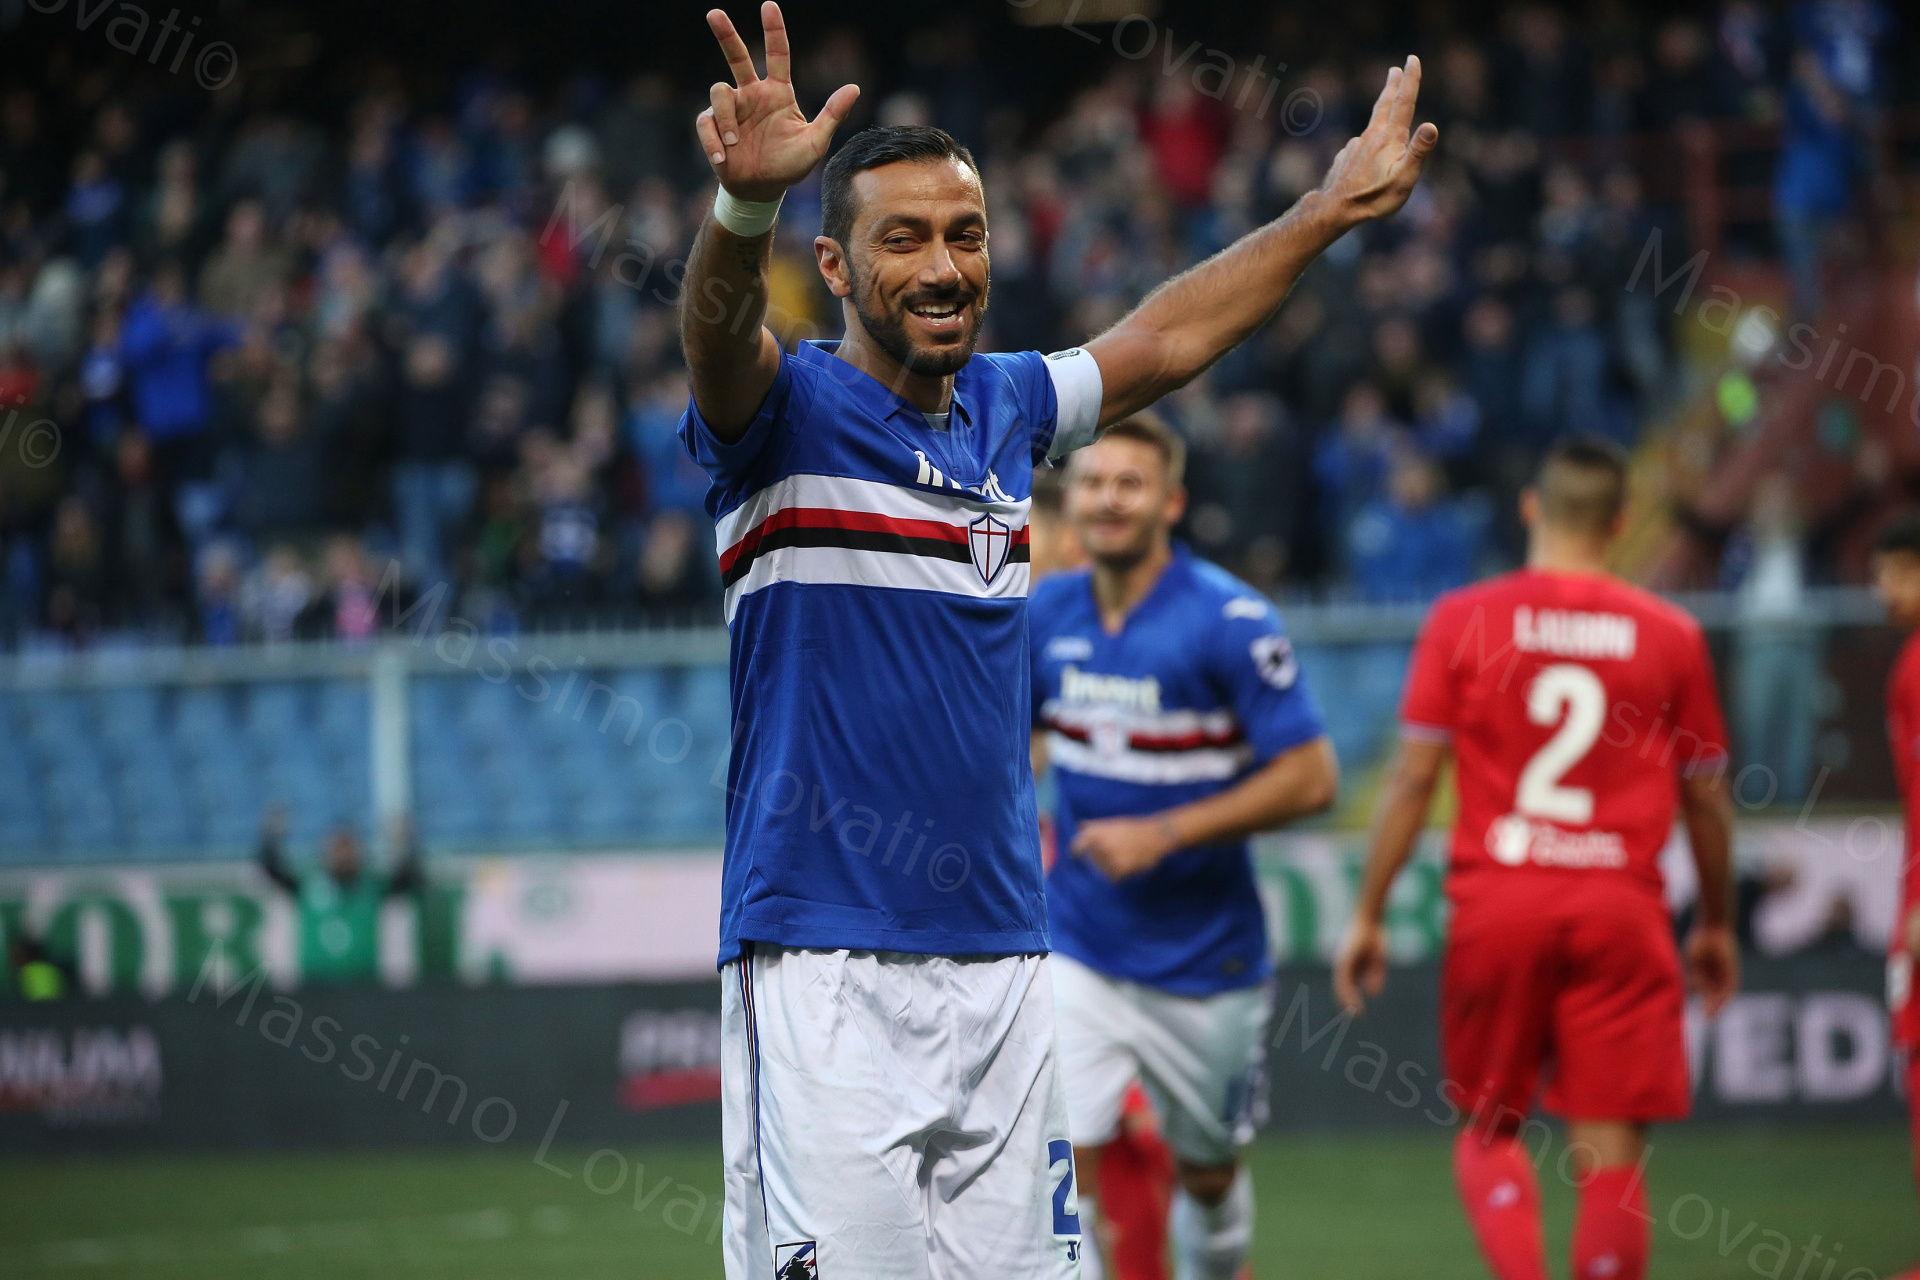 21/01/2018 Genova , Campionato di Calcio Serie A, Sampdoria - Fiorentina, nella foto Quagliarella esulta dopo il terzo goal